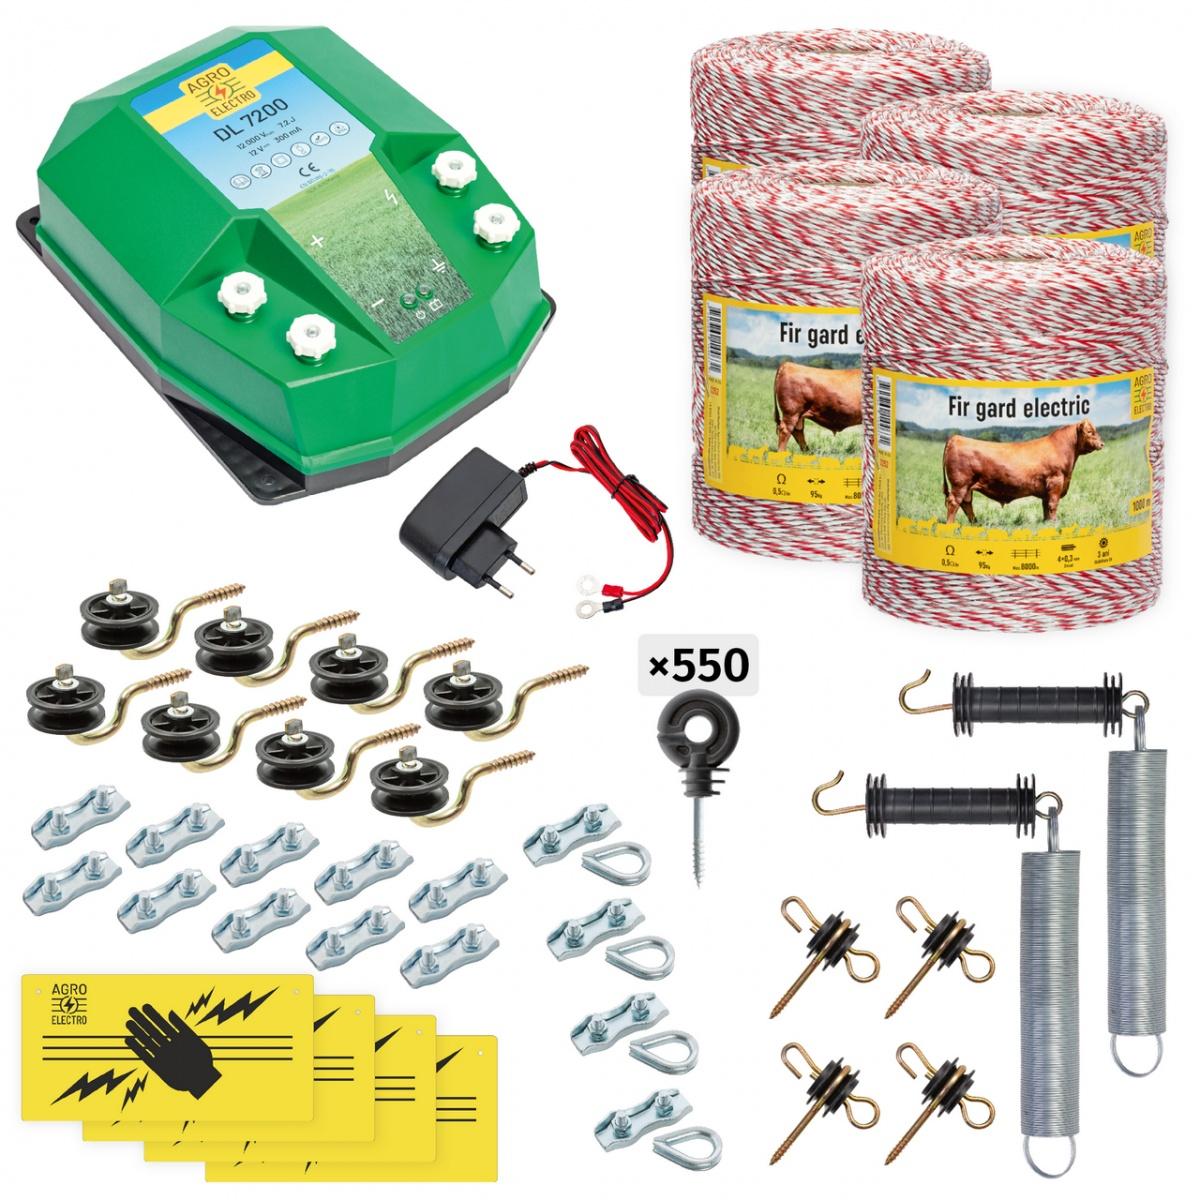 Teljes villanypásztor csomag háziállatoknak, 4000m, 7,2Joule, 230V